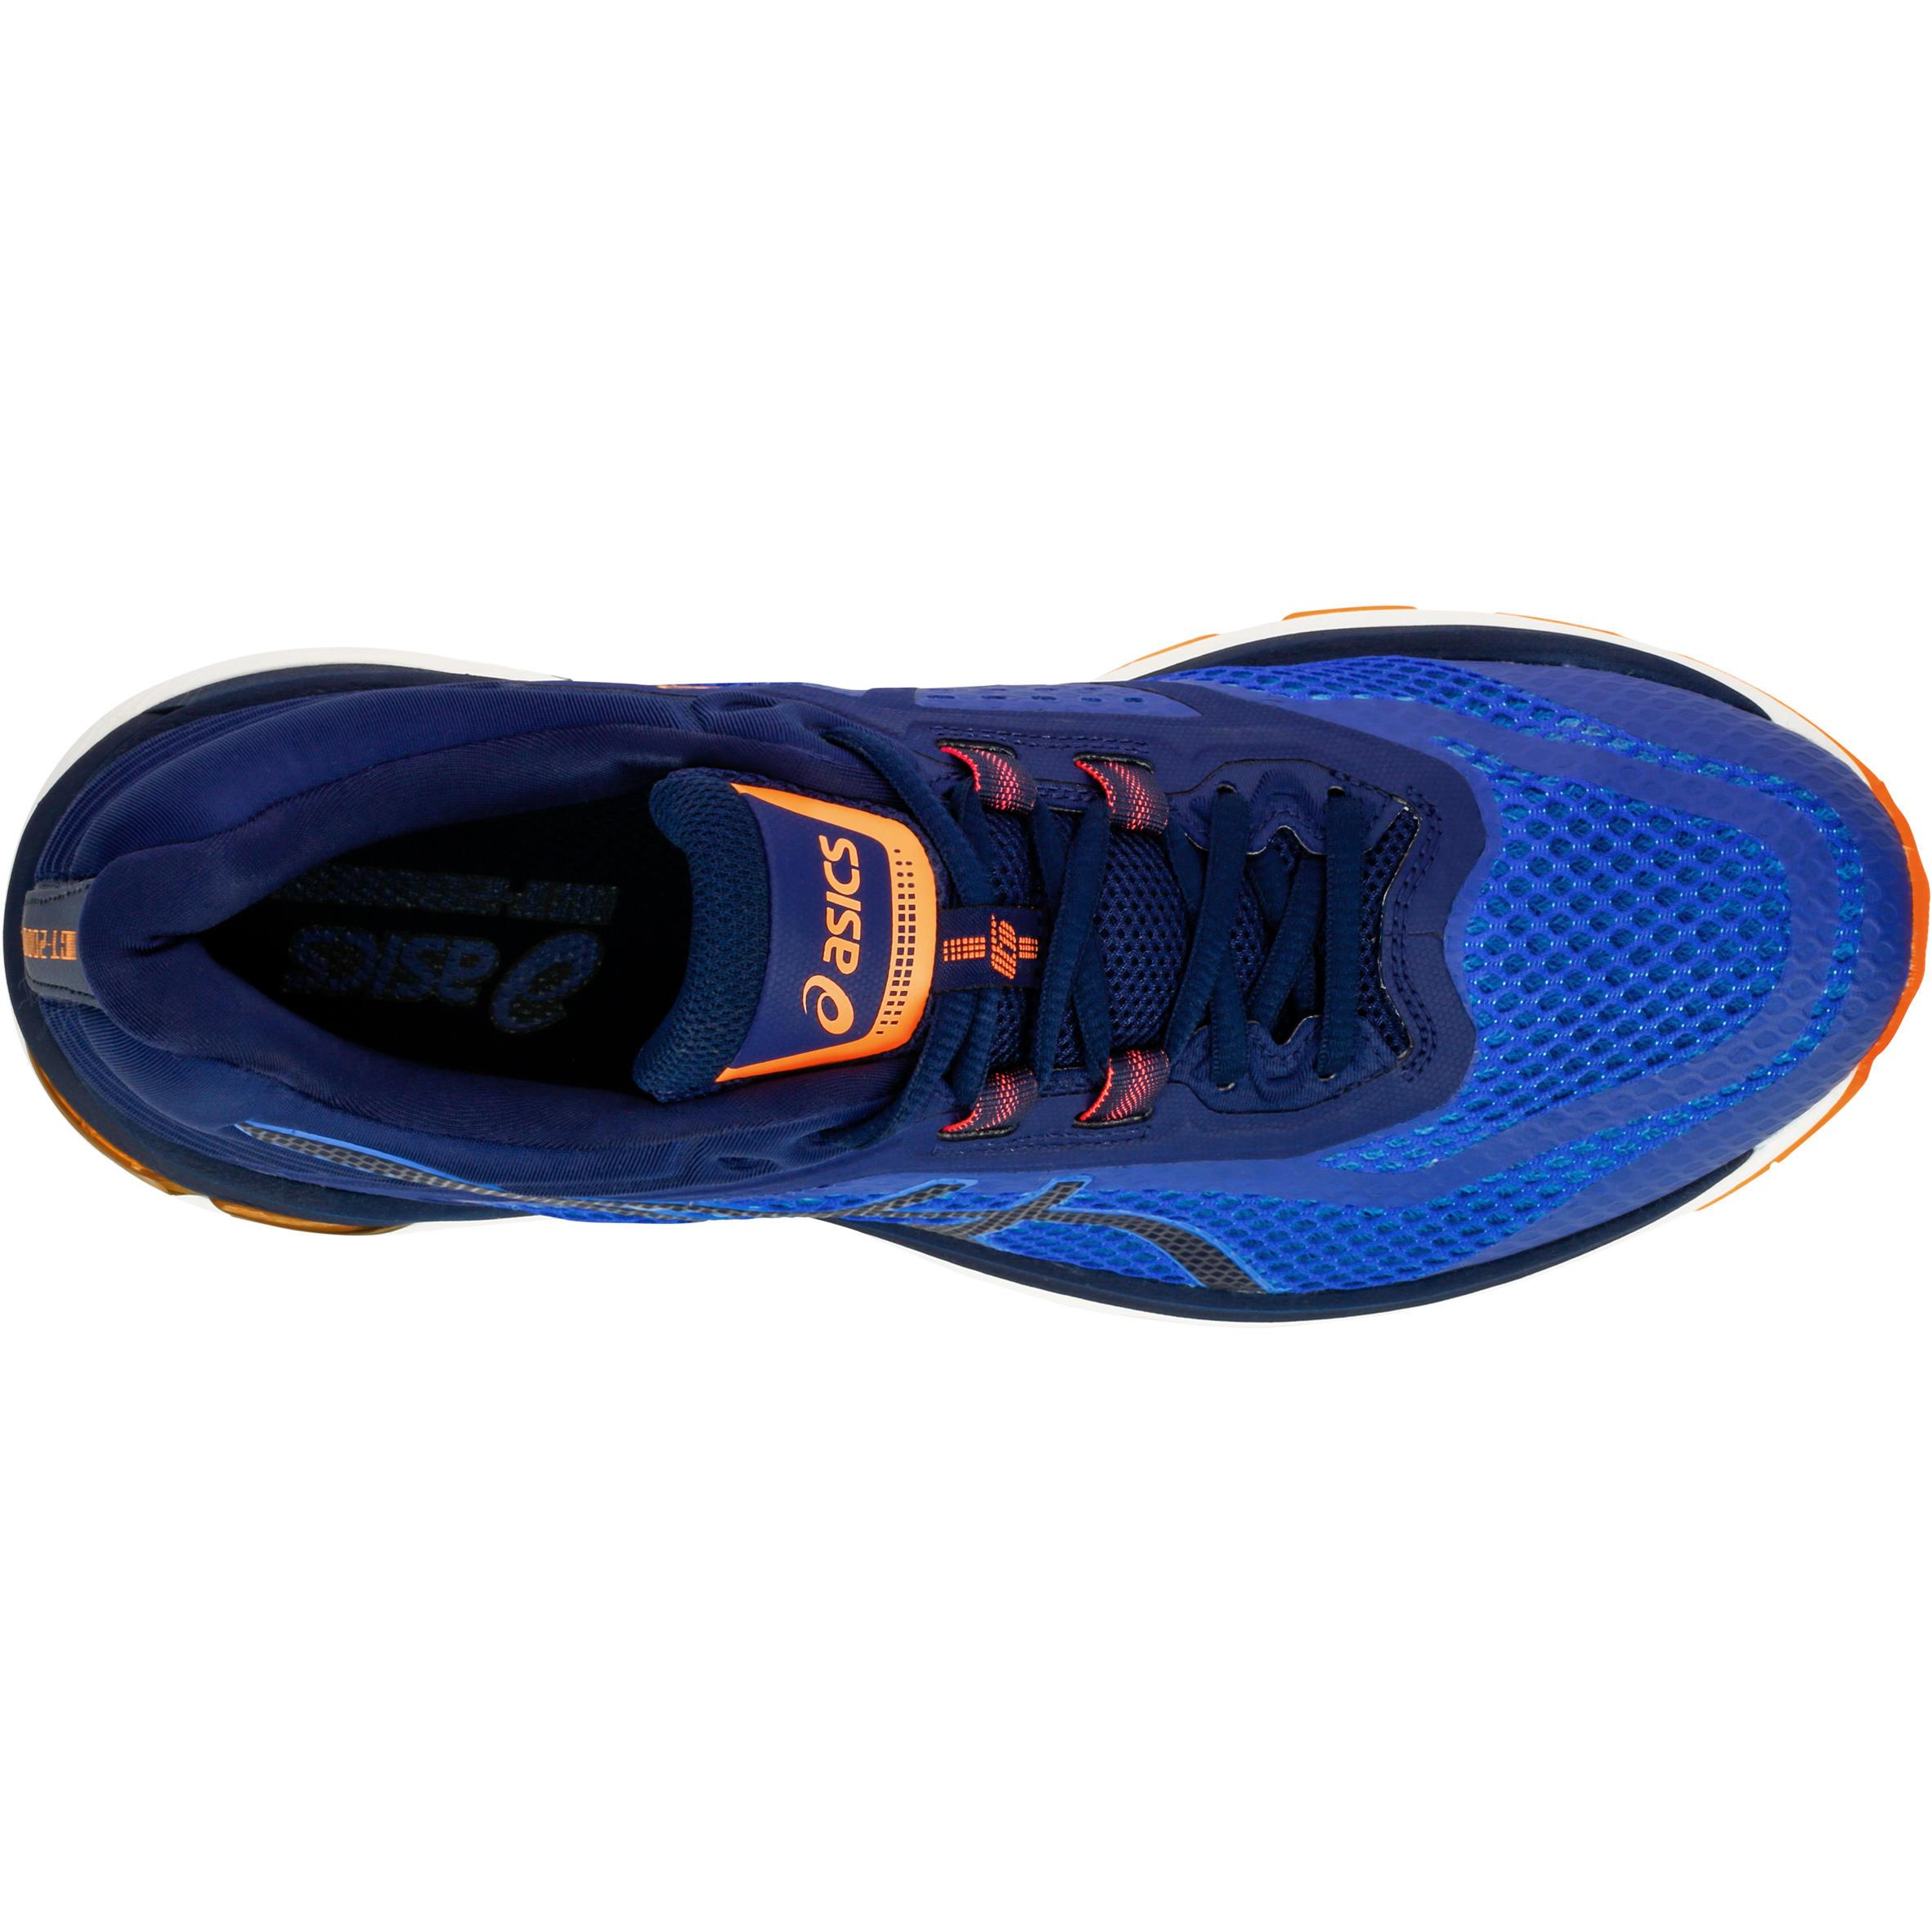 Running 2000 Homme Asics Bleu 6 Gt Gel Chaussures XPkZilwTOu